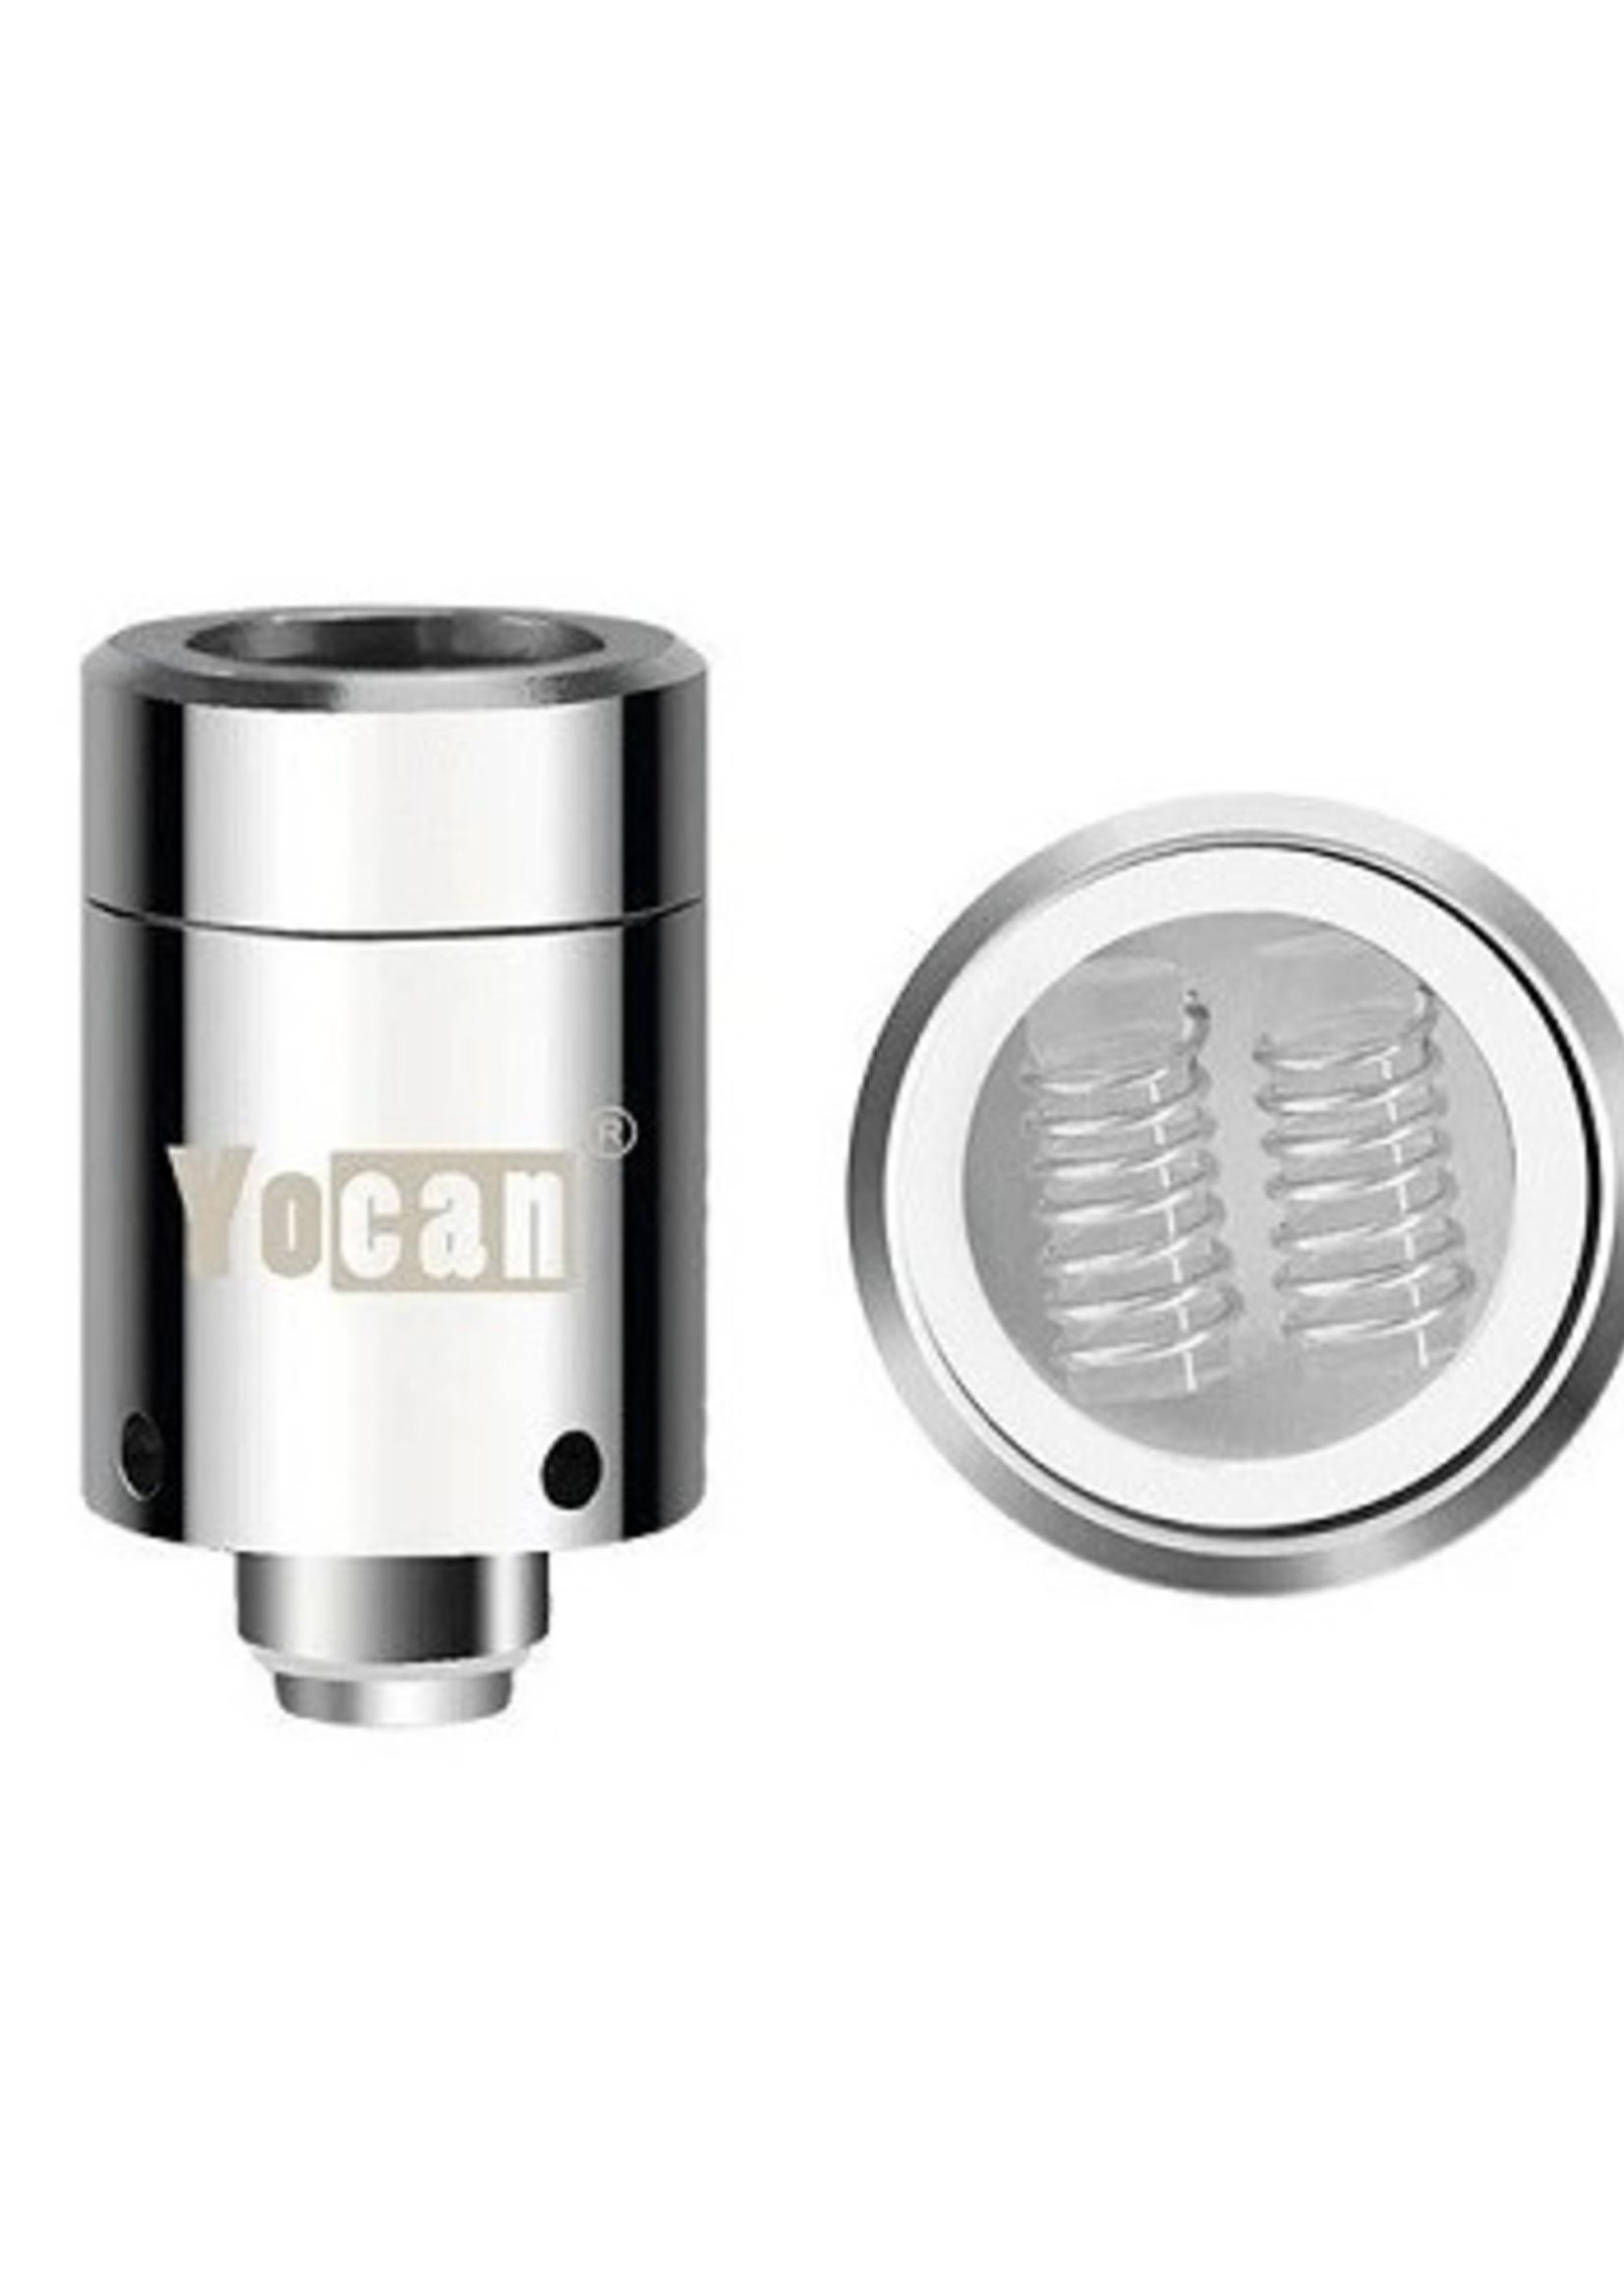 Yocan Evolve Plus QDC coil